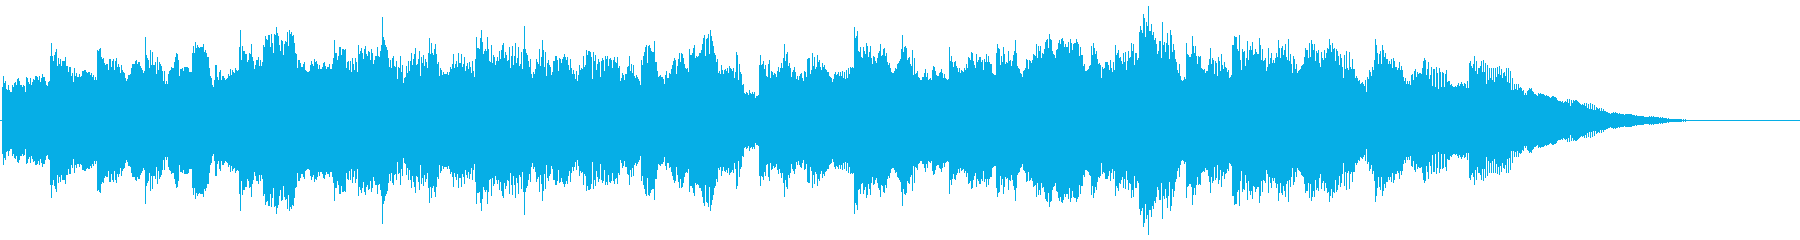 ゆったりとしたエレピソロ曲の再生済みの波形